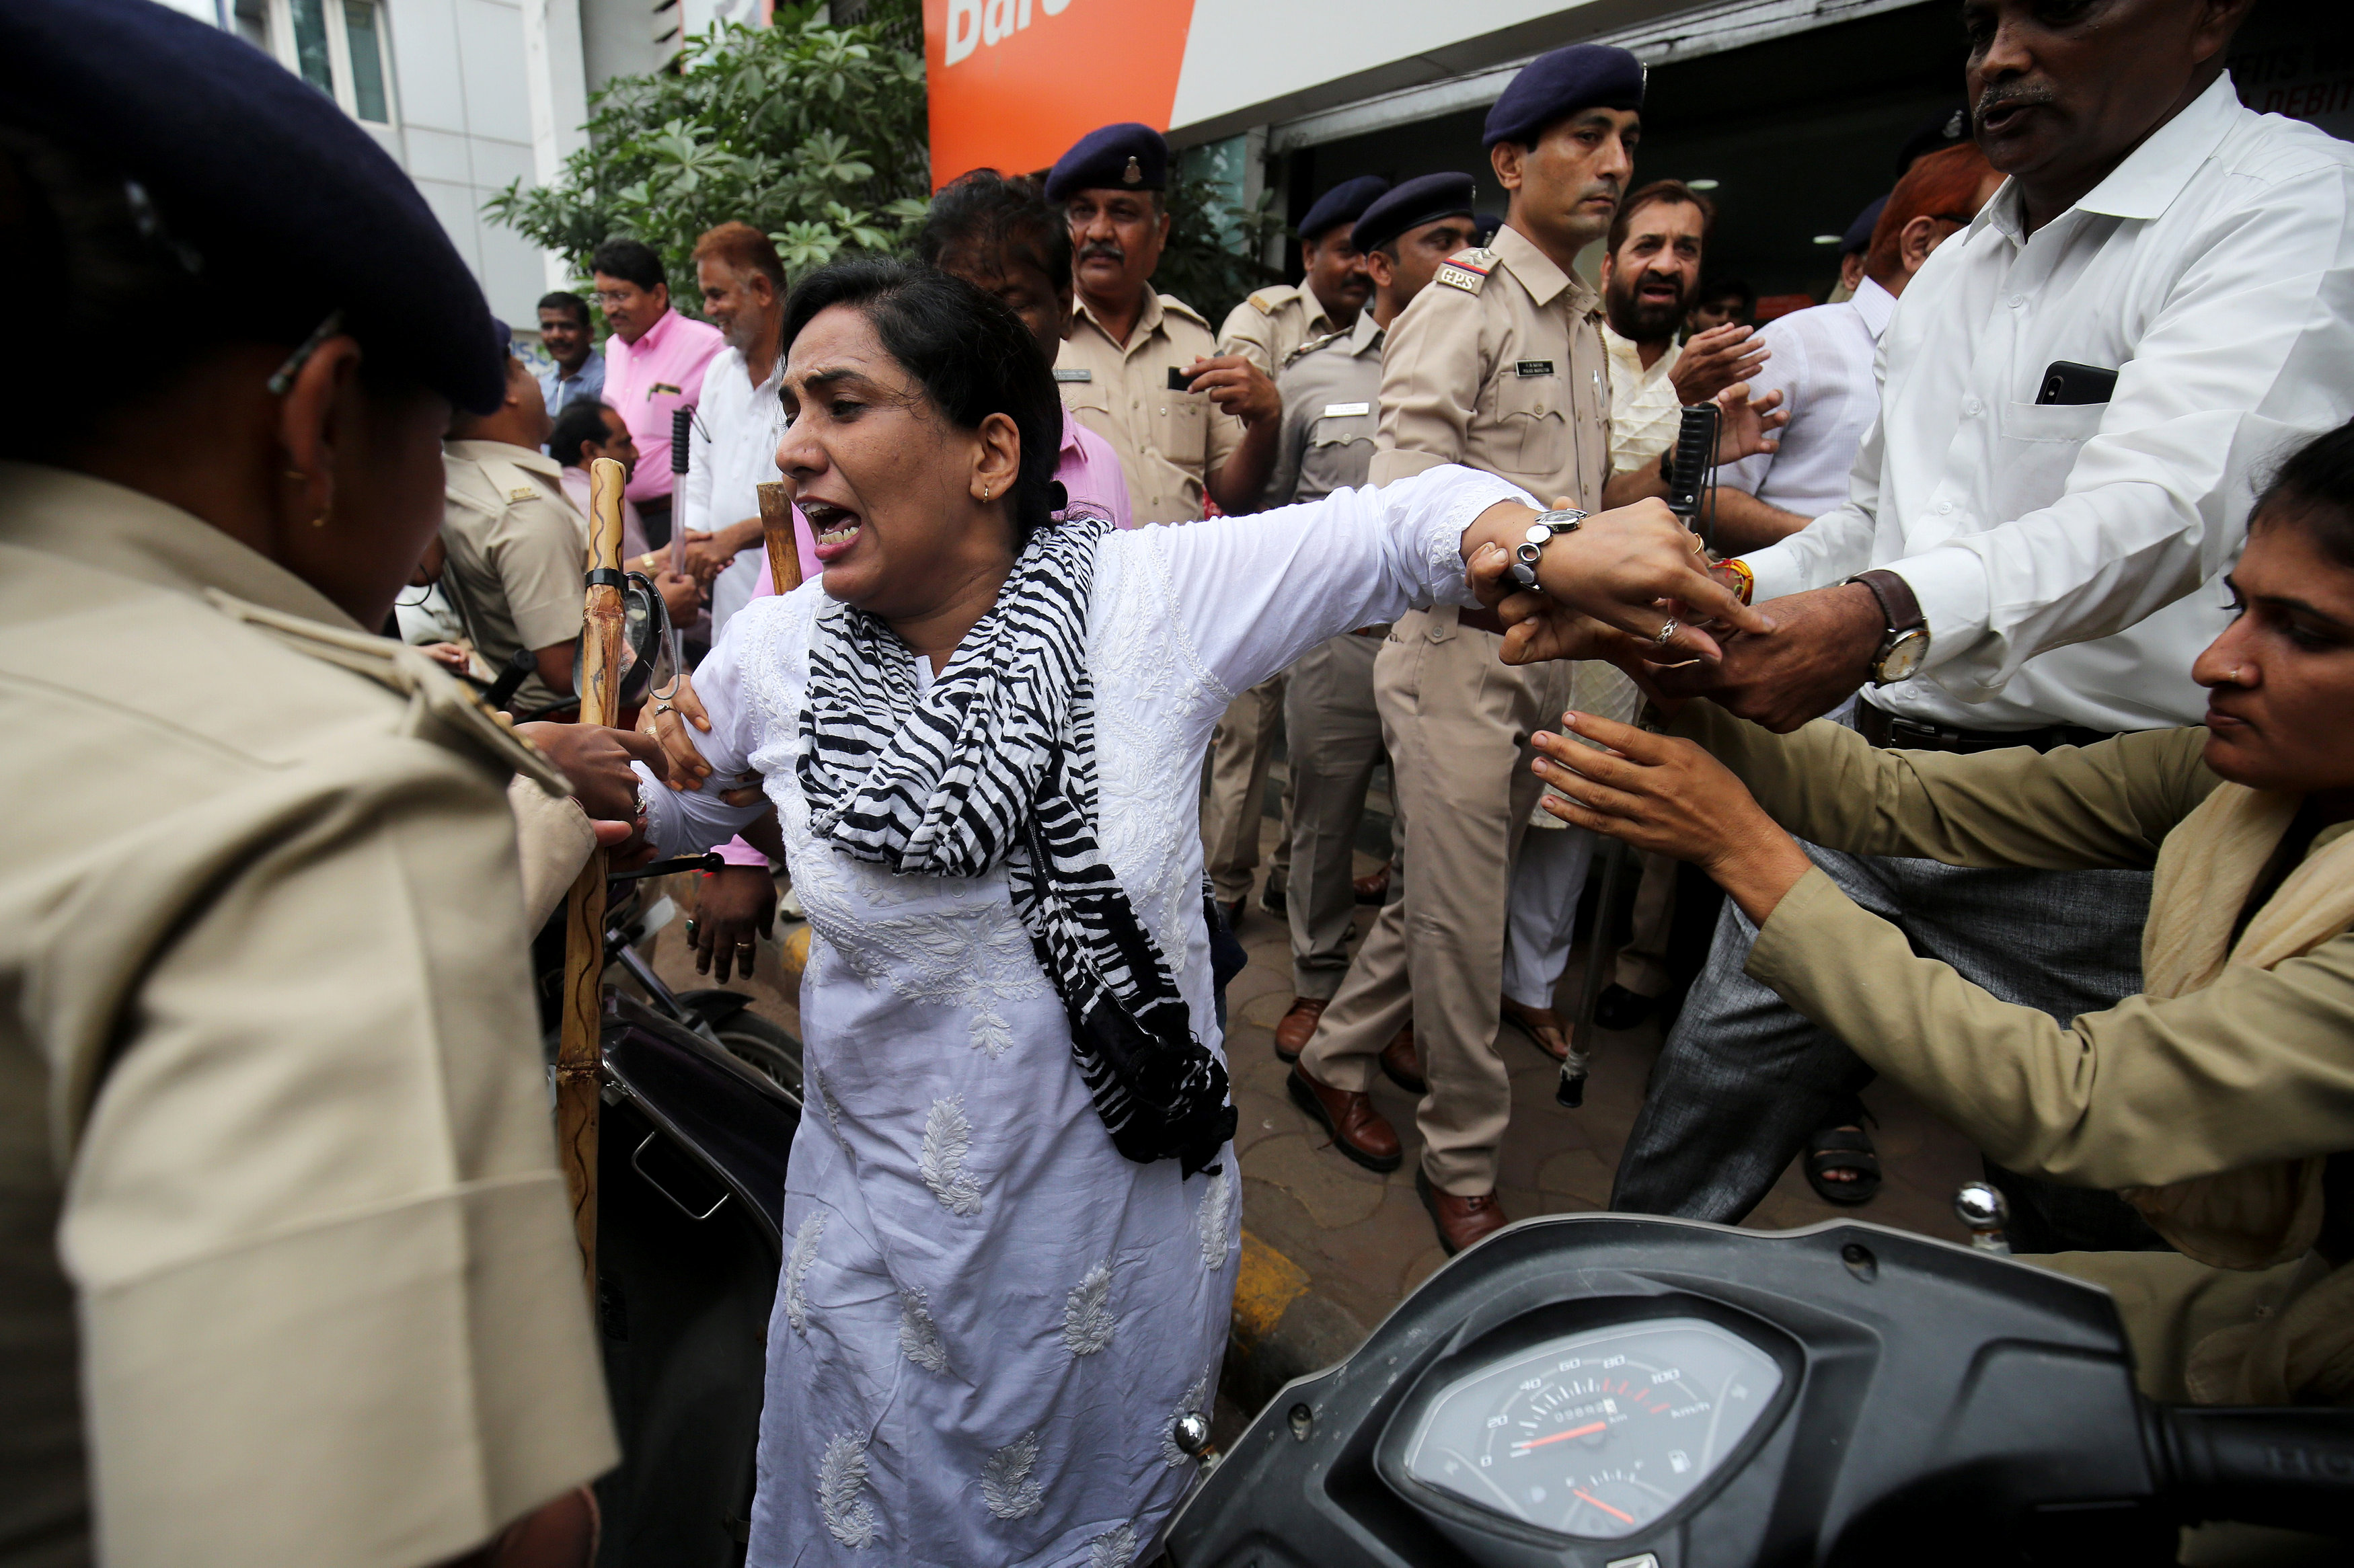 القبض على عدد من متظاهرى الهند فى أحمد أباد